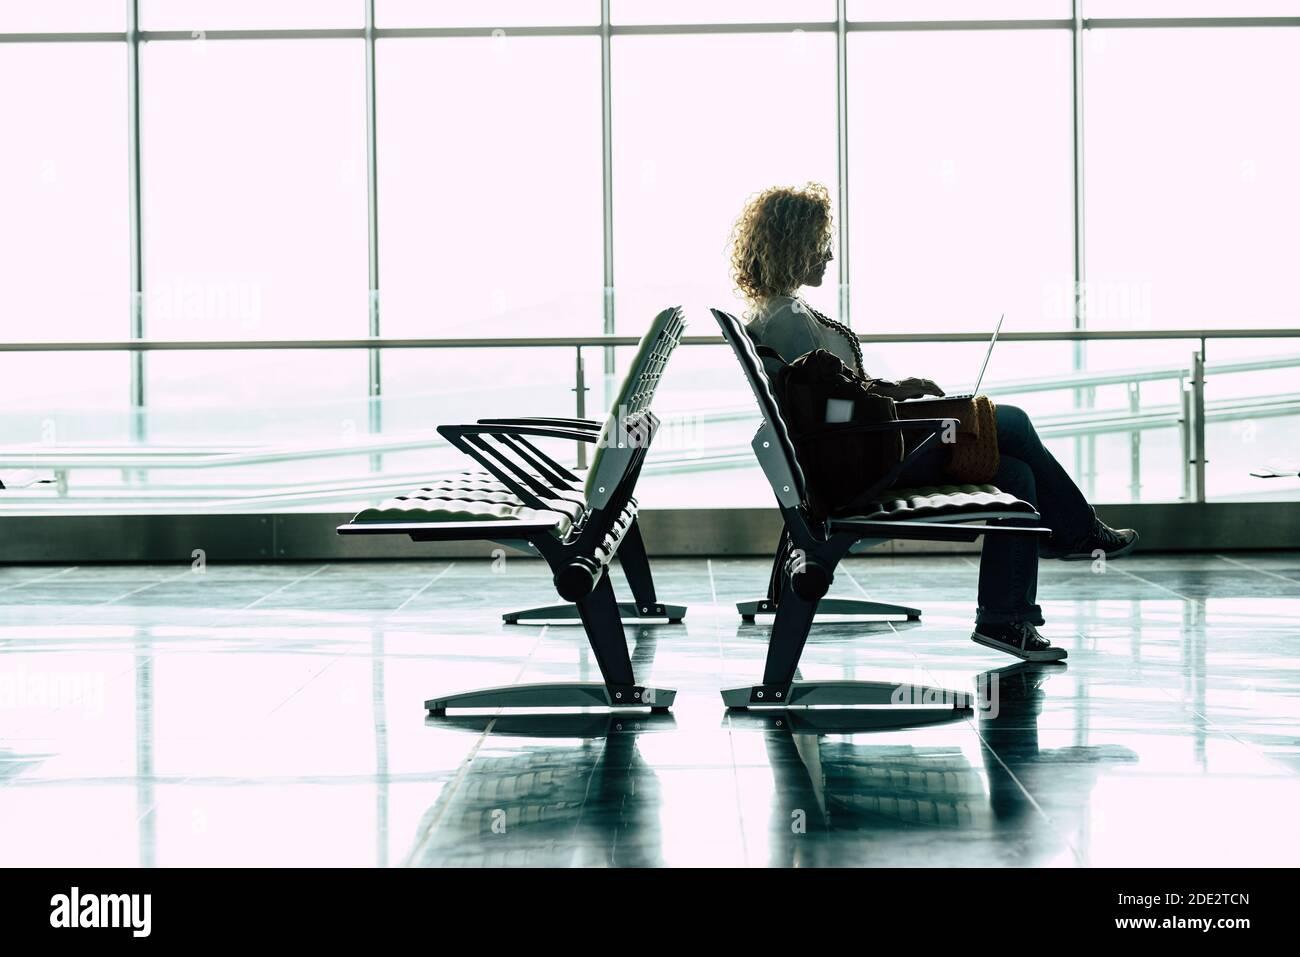 Reisen und arbeiten online Job Menschen am Flughafen Gate - Frau setzt sich und wartet auf ihren Flug mit Laptop-Computer in Smart Working oder Digital Nomad Stockfoto